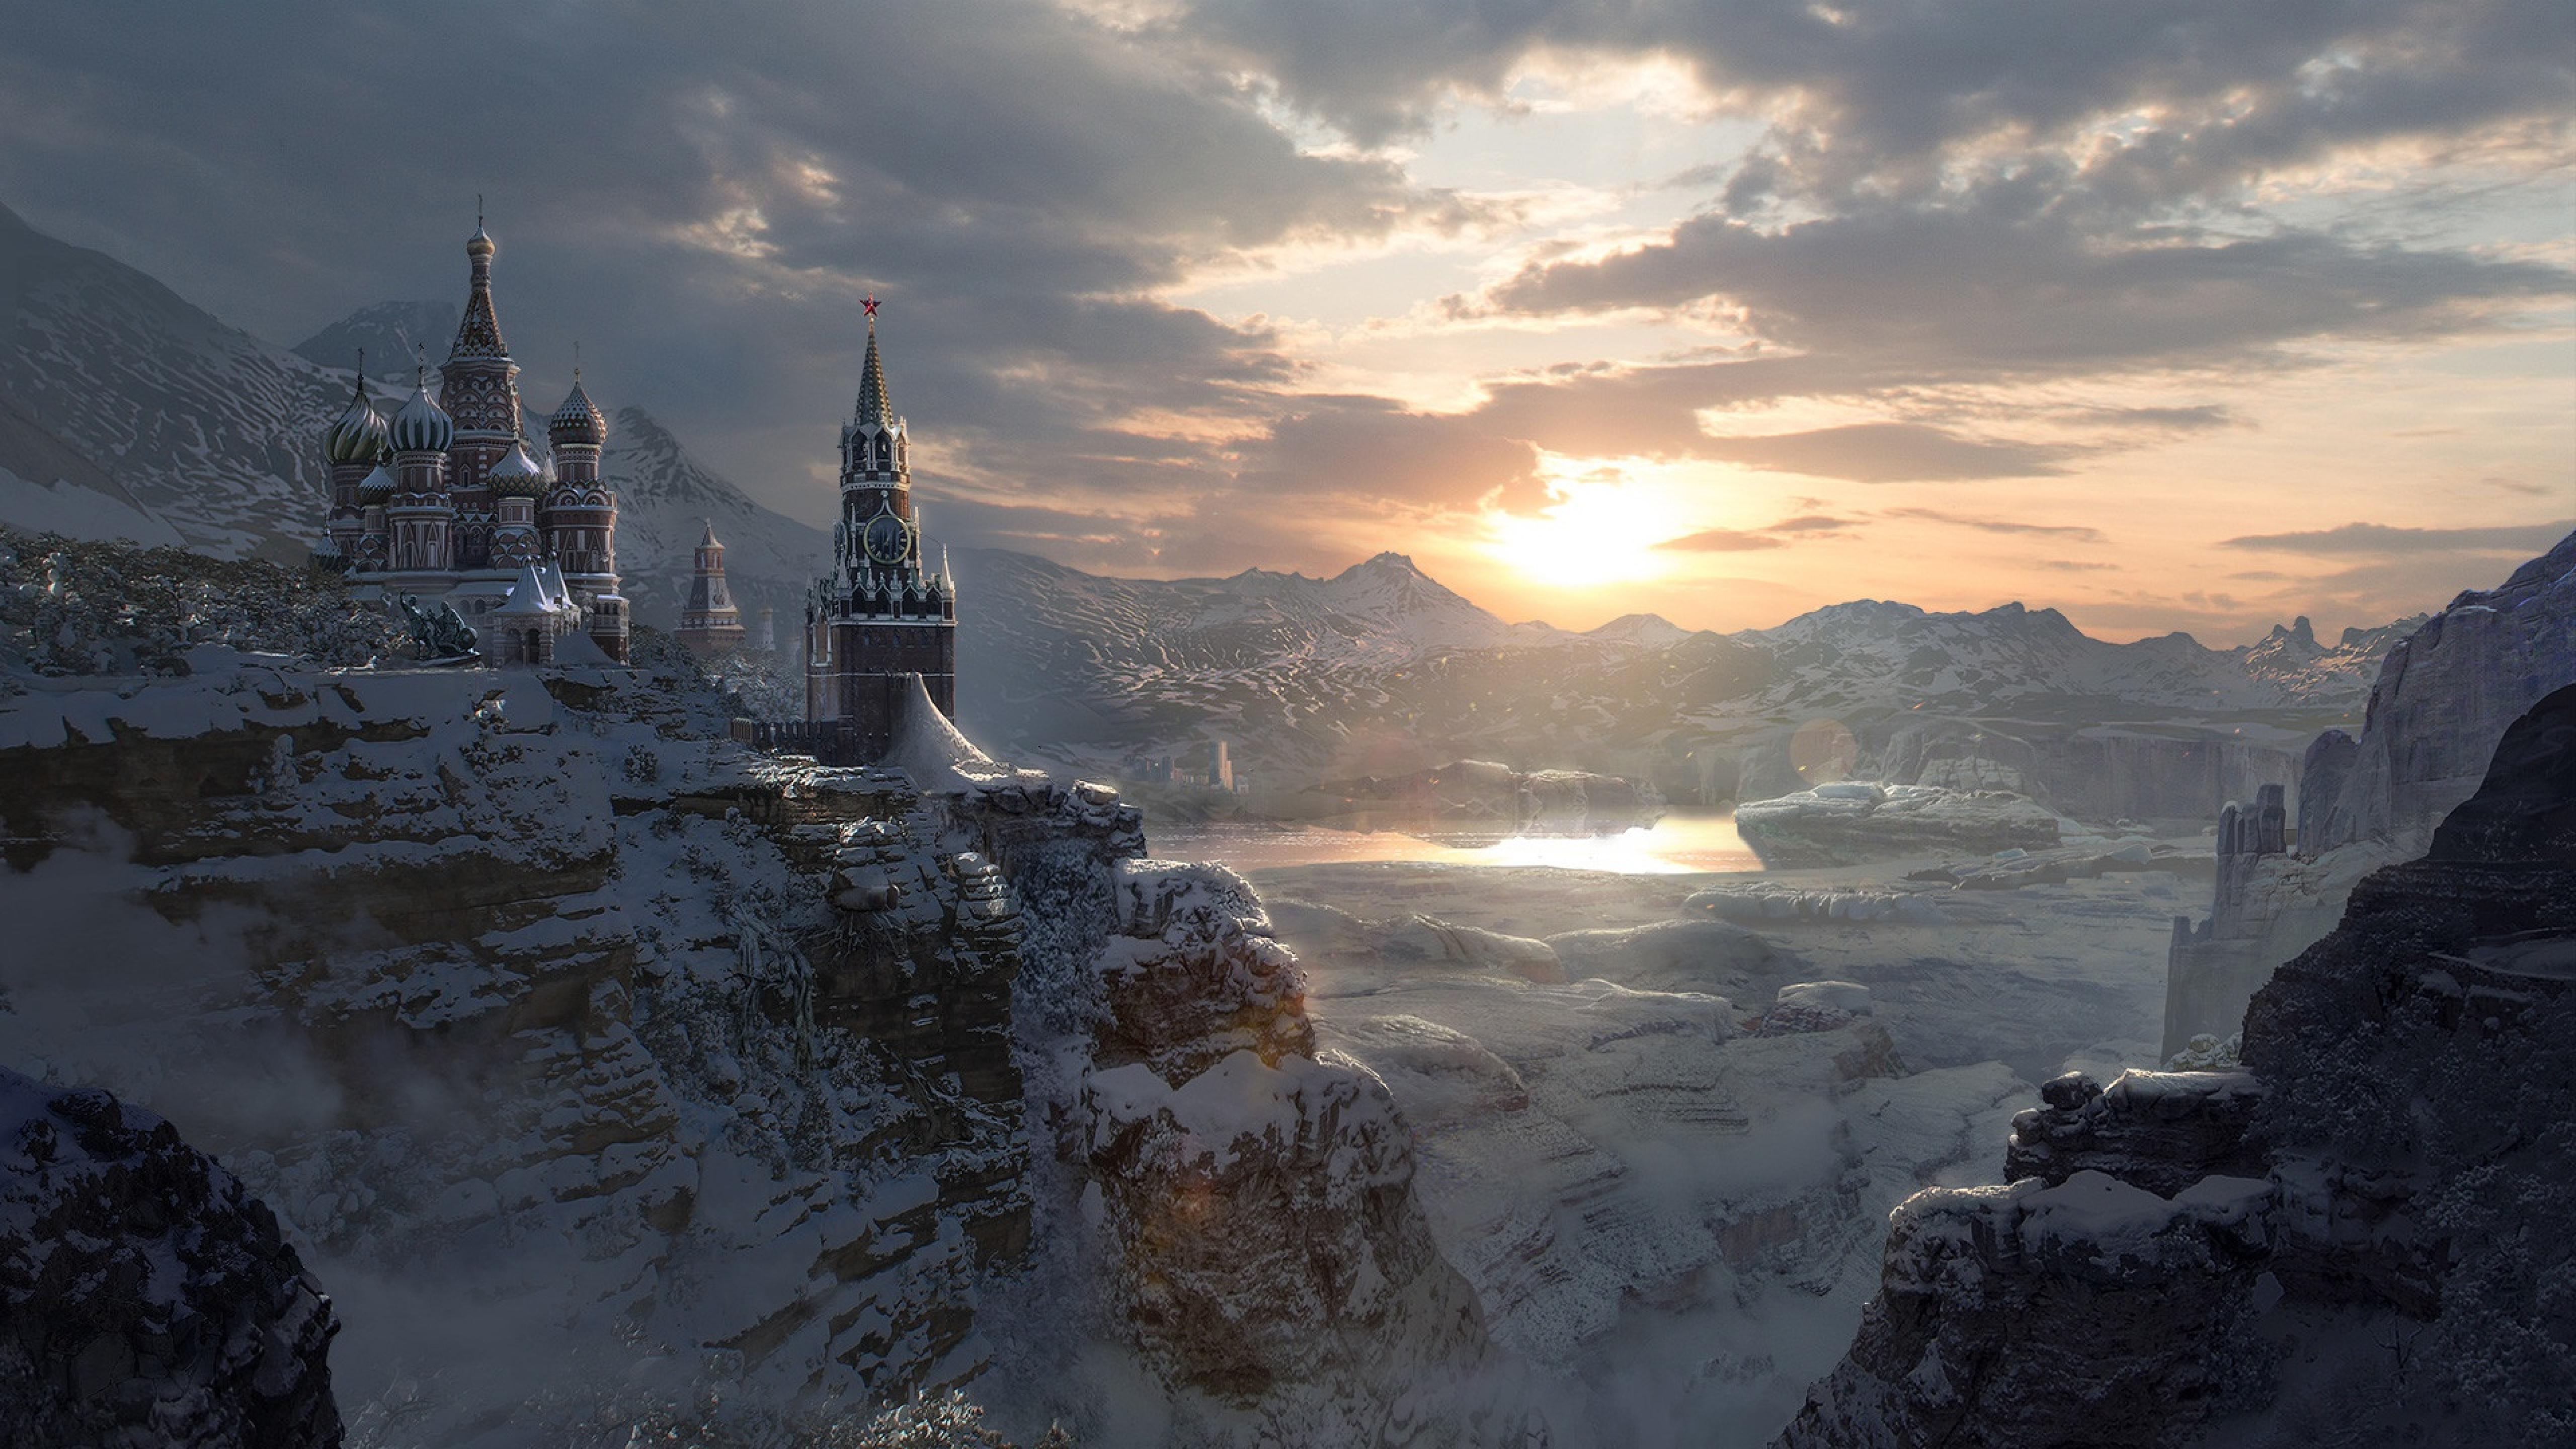 5120x2880 Winter In Russia 5k Wallpaper Hd City 4k